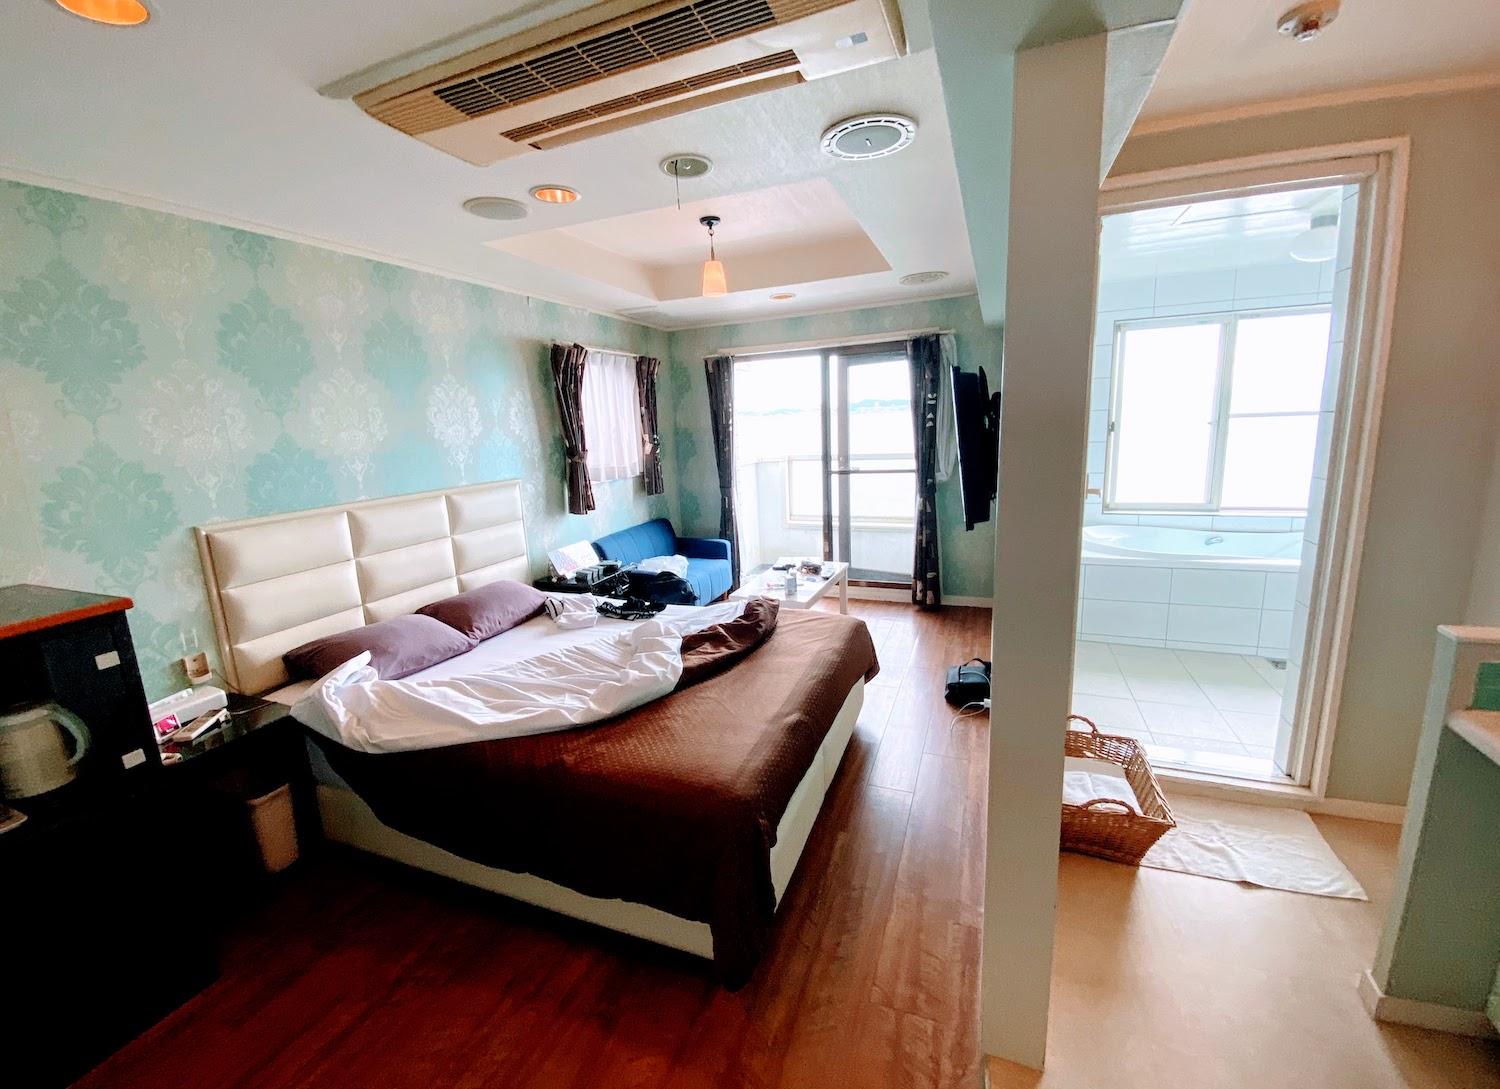 HOTEL SURF SIDE(ホテルサーフサイド)のROOM(部屋)